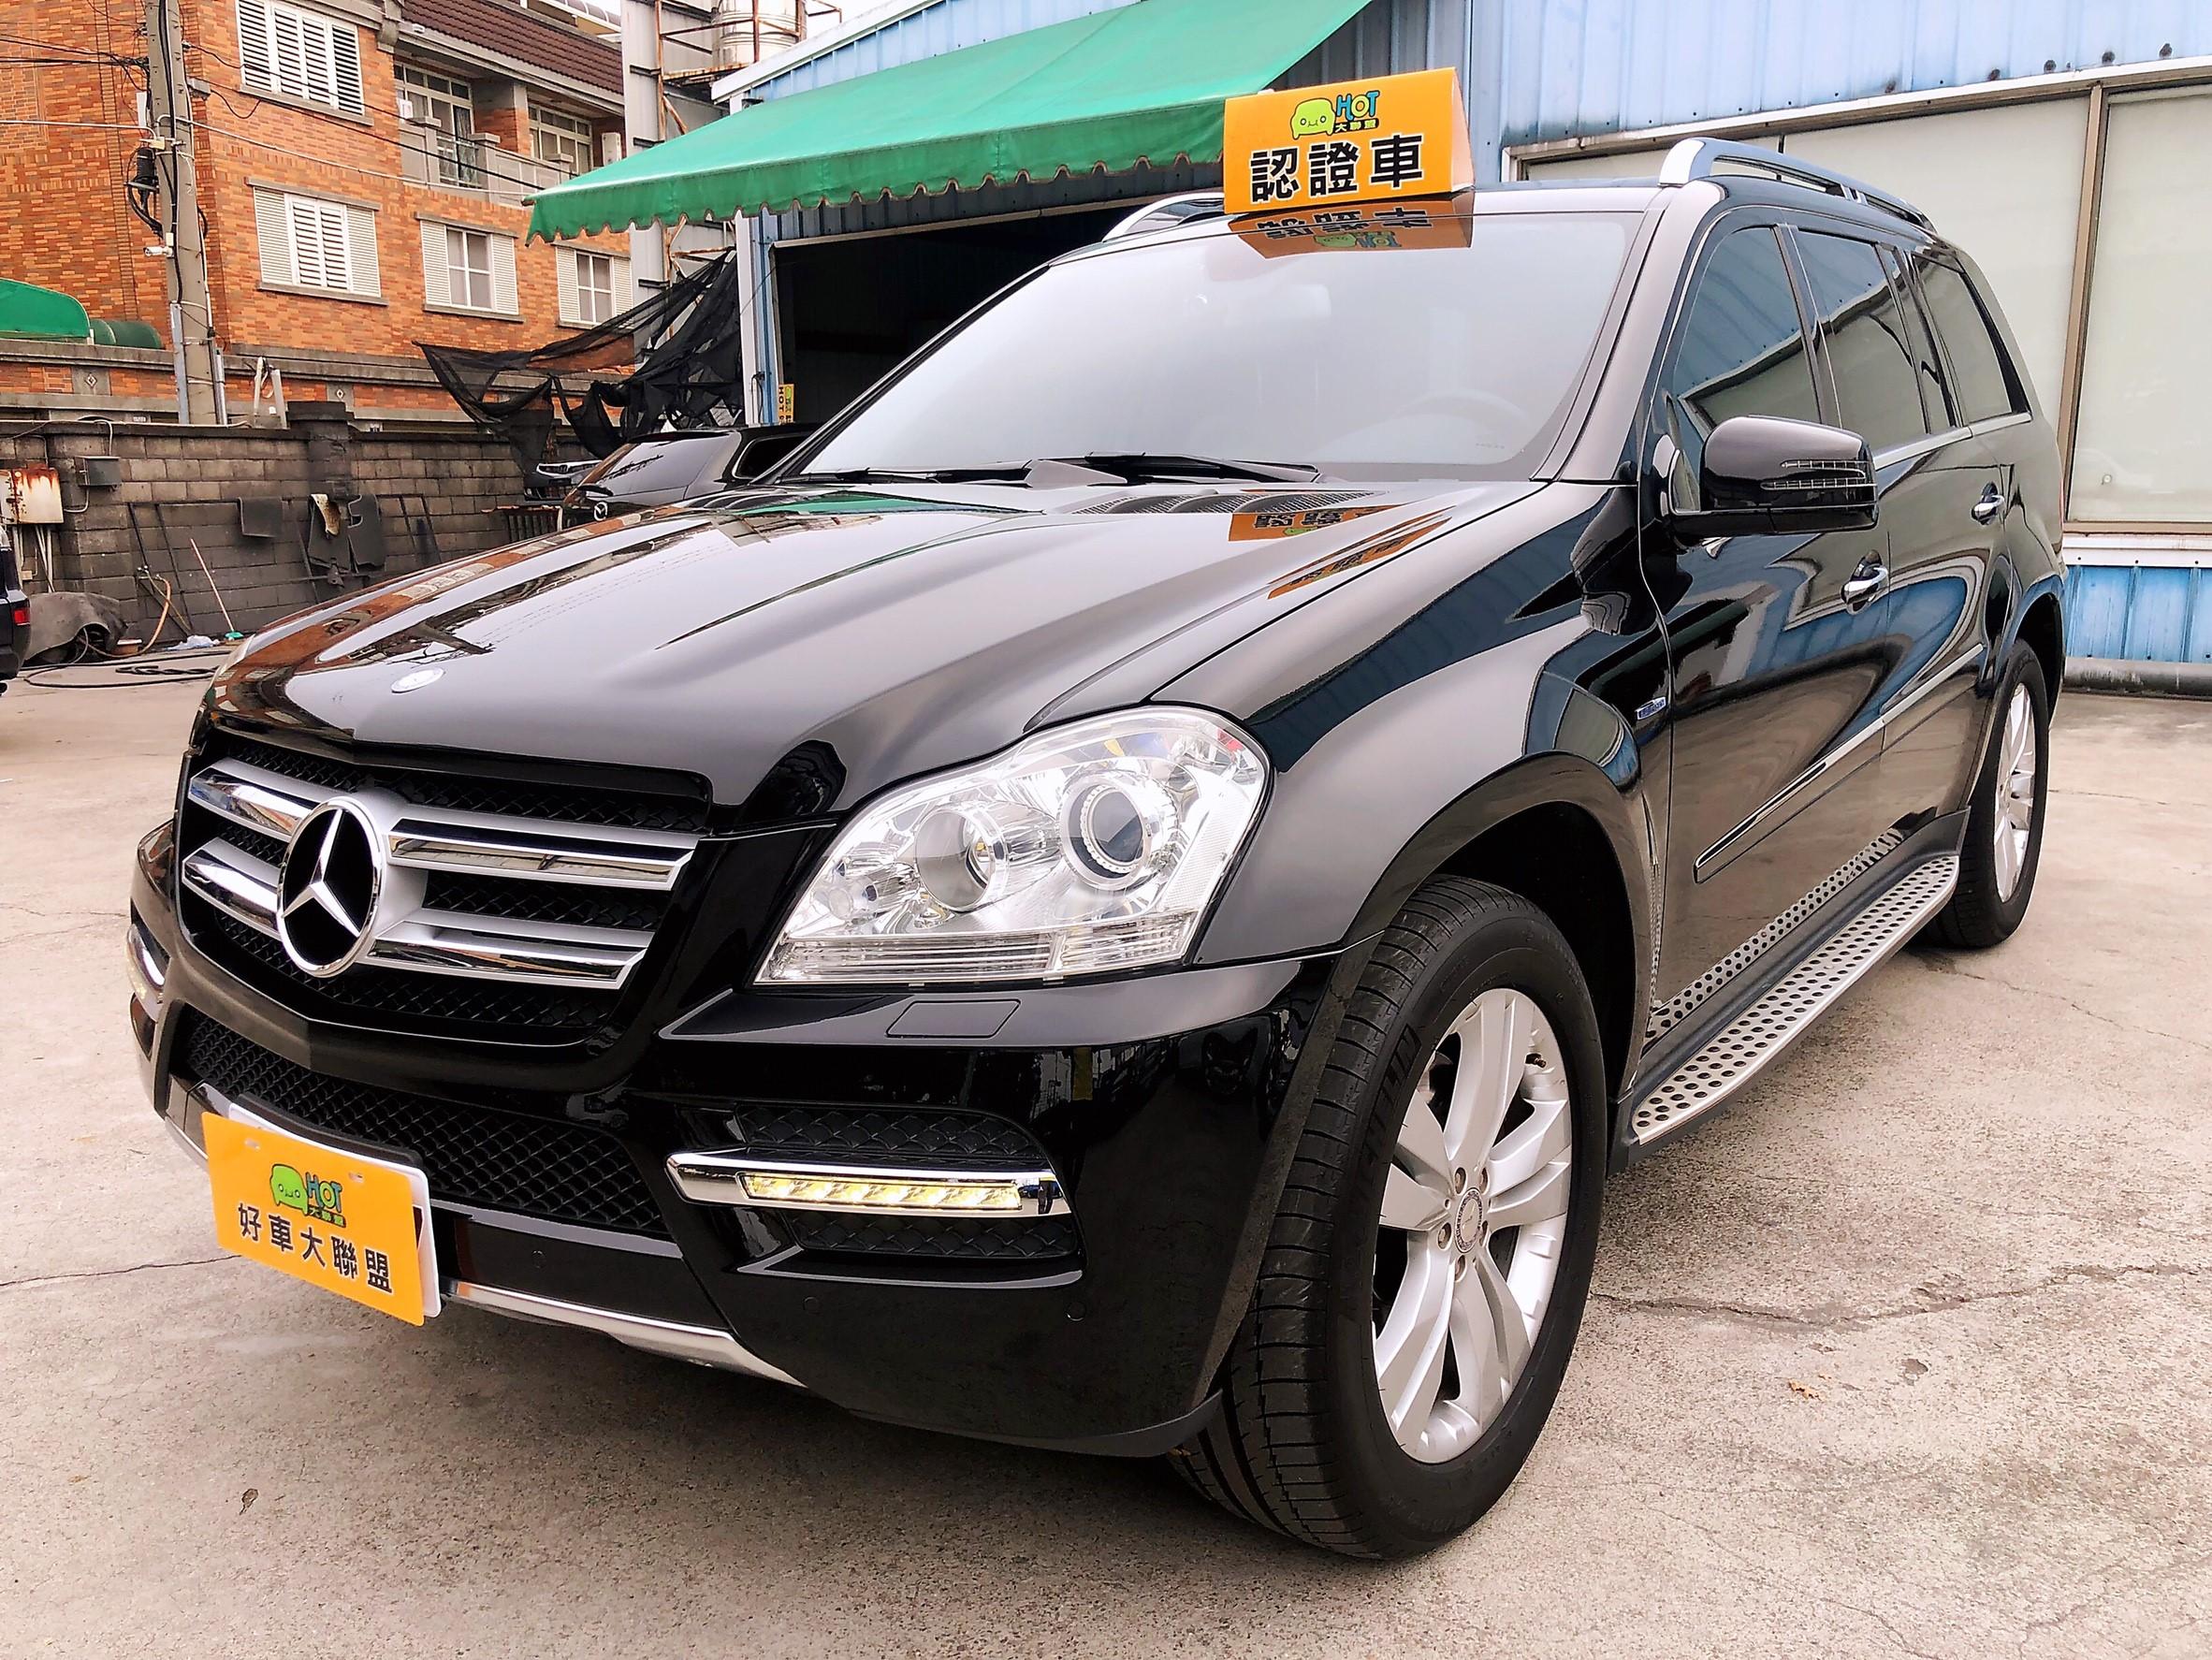 2012 M-Benz 賓士 GL-Class